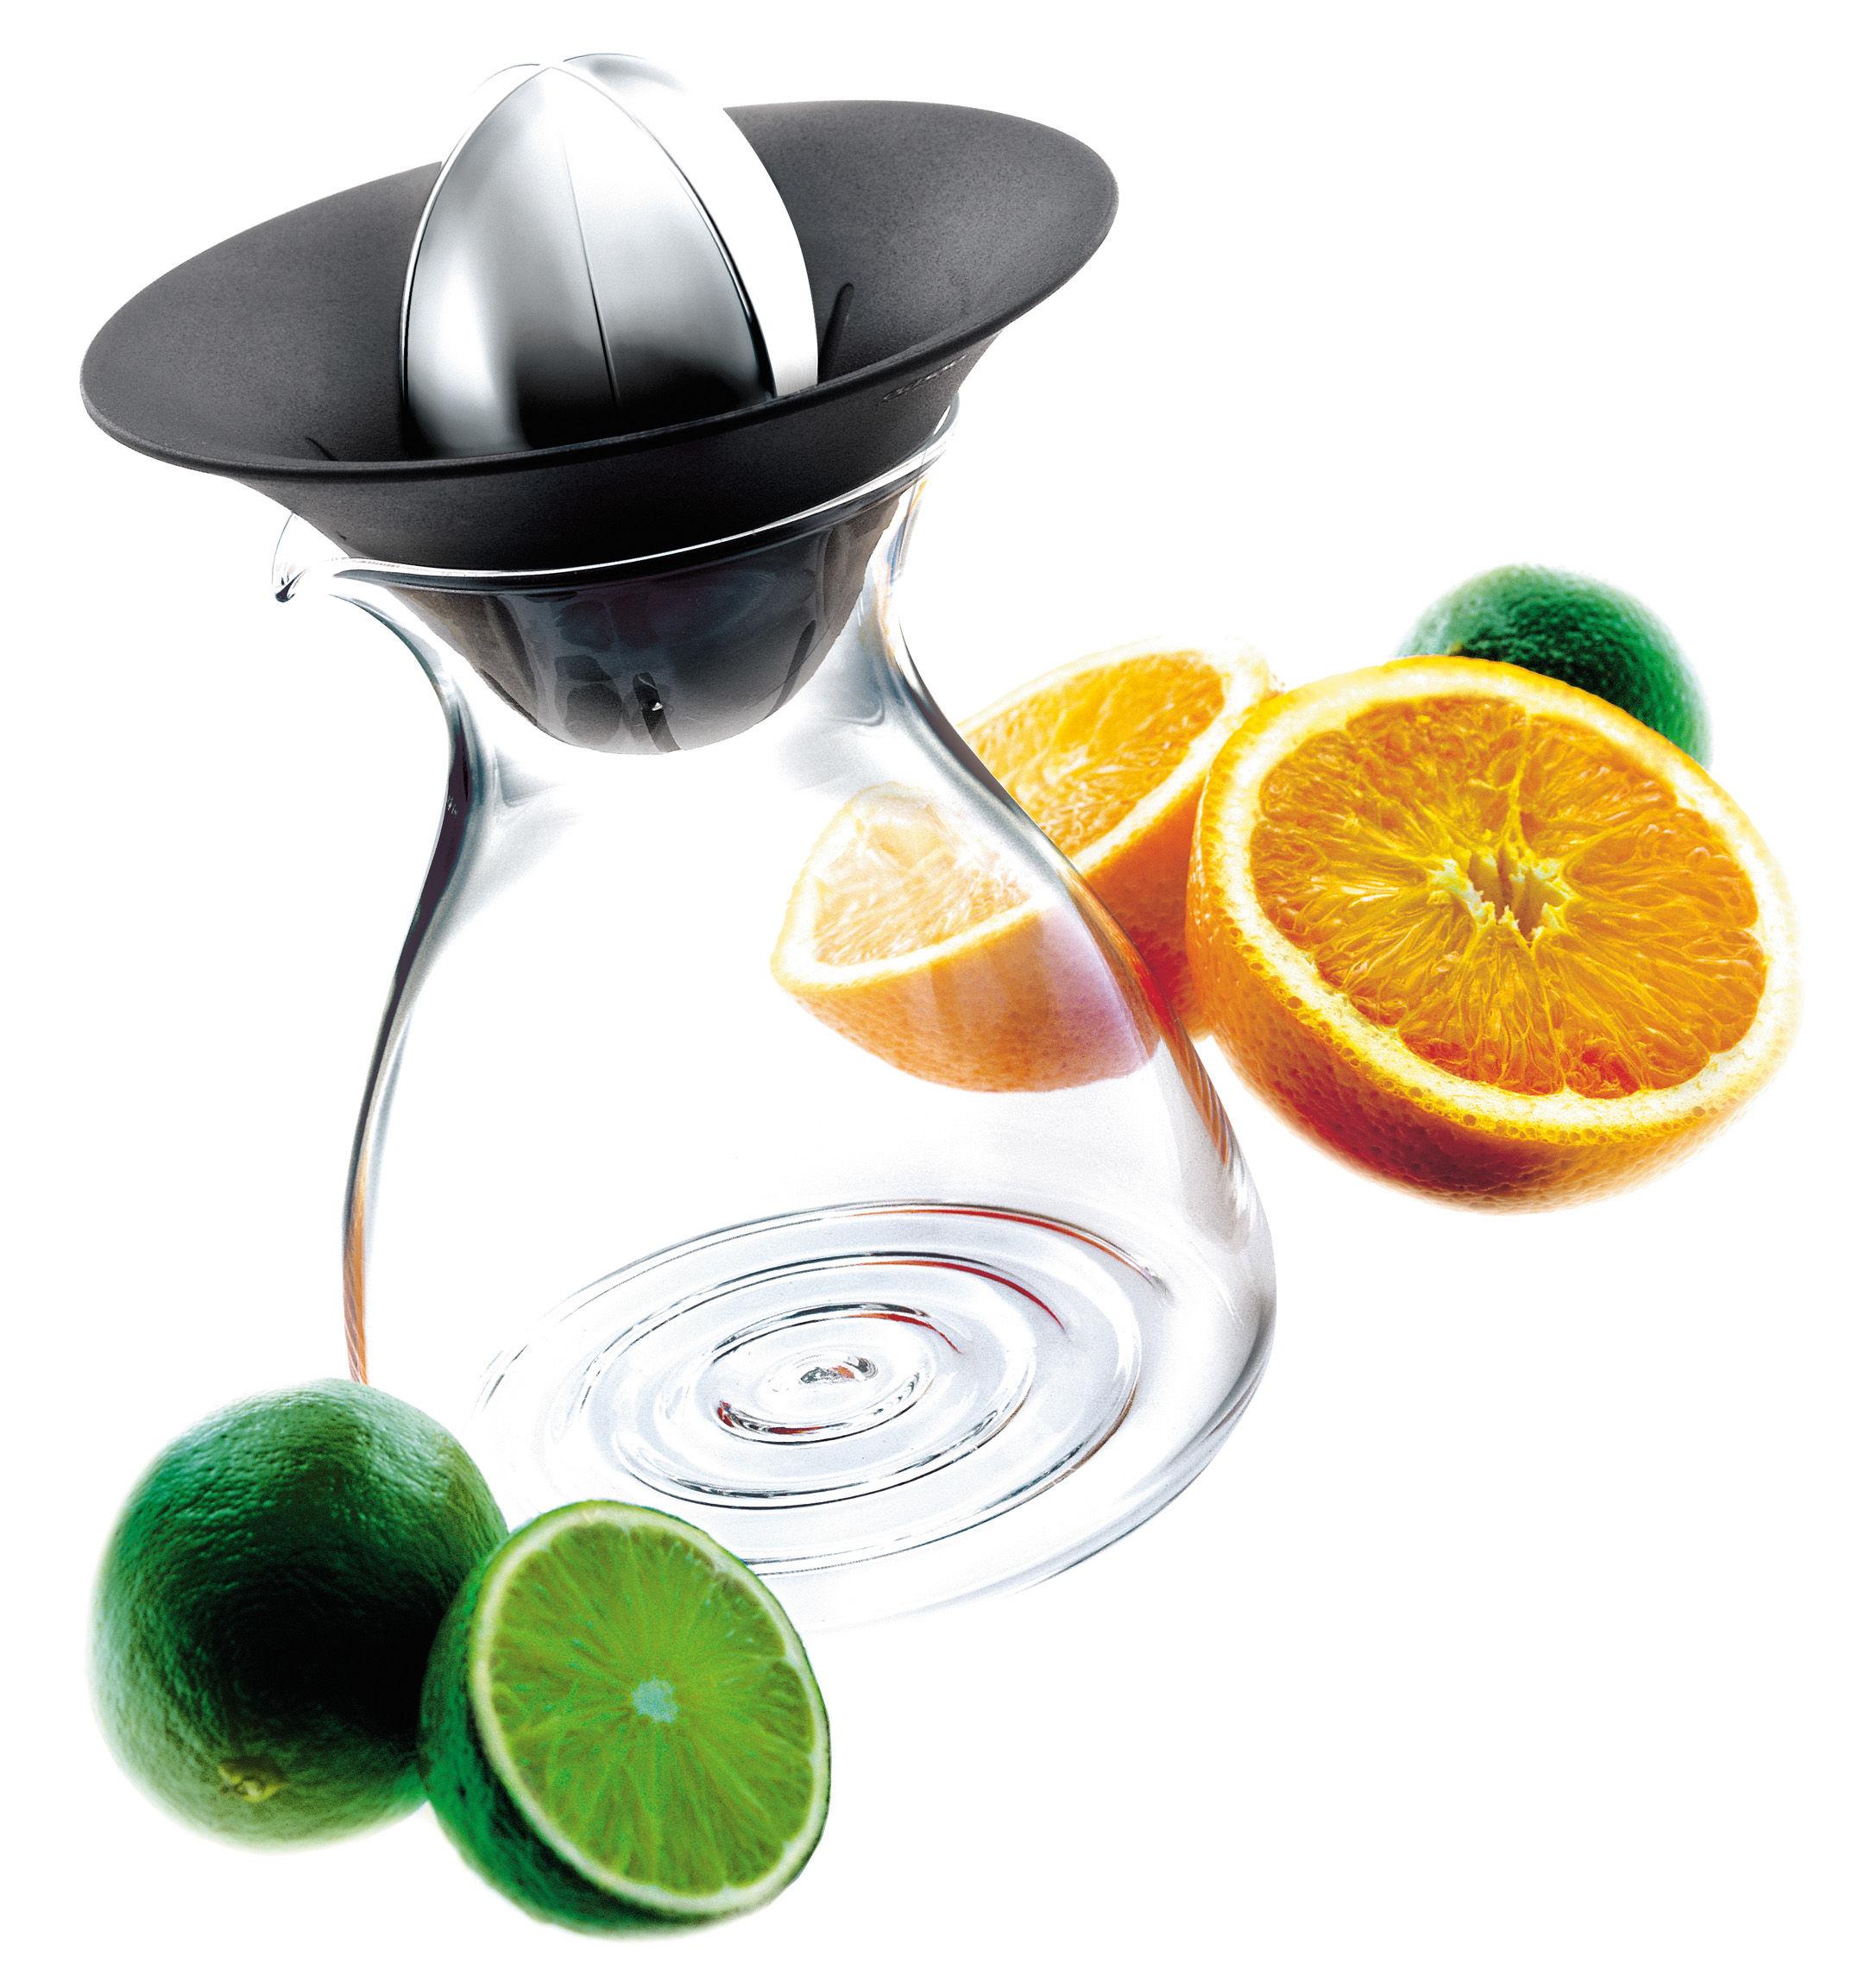 Cucina - Pratici e intelligenti - Spremiagrumi - con caraffa integrata 0,6 L di Eva Solo - Trasparente/Nero/Metallo - ABS, Acciaio inossidabile, Vetro